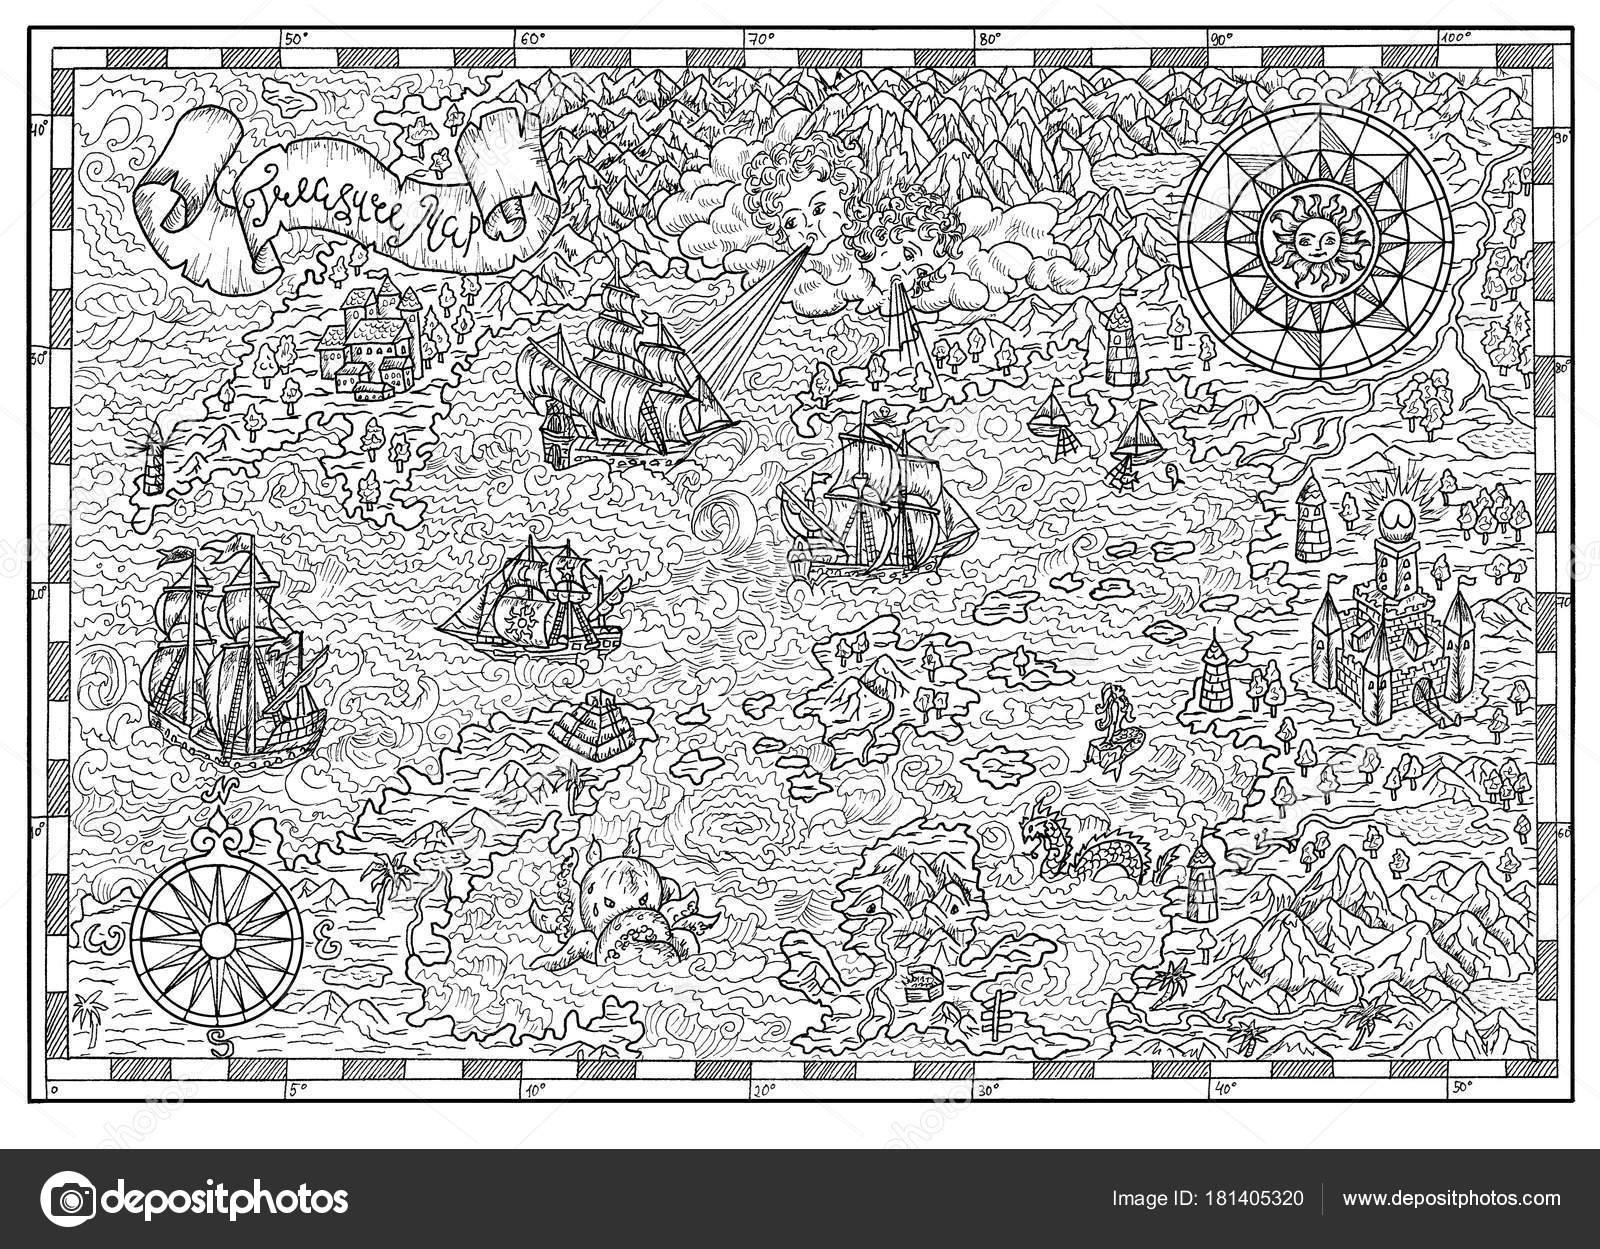 Carte Au Tresor Noir Et Blanc.Carte Pirate Noir Blanc Avec Vieux Voiliers Compas Creatures